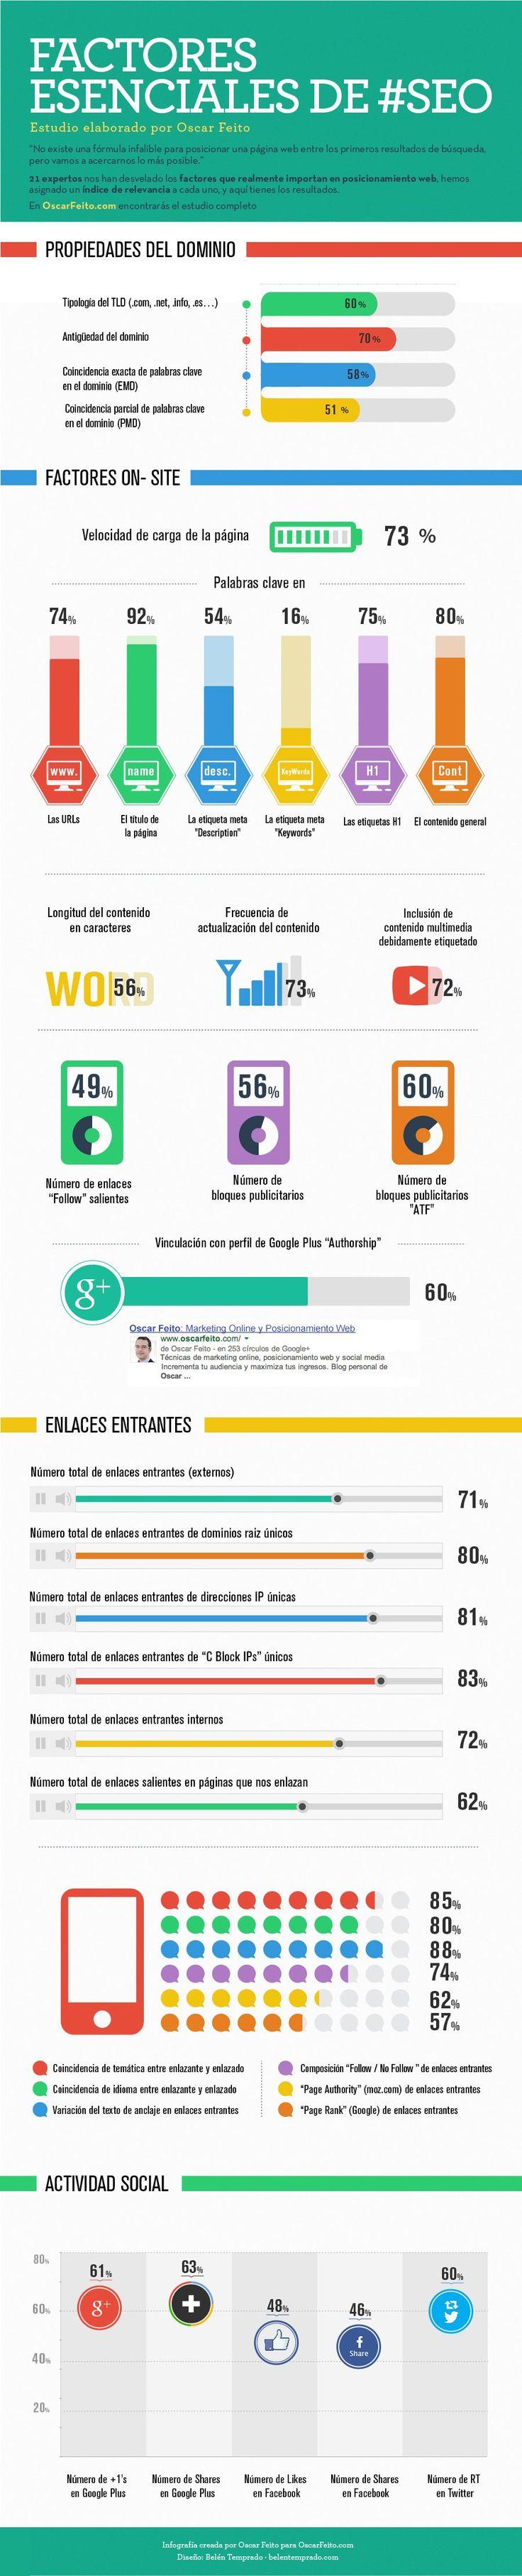 Factores esenciales del SEO #infografia